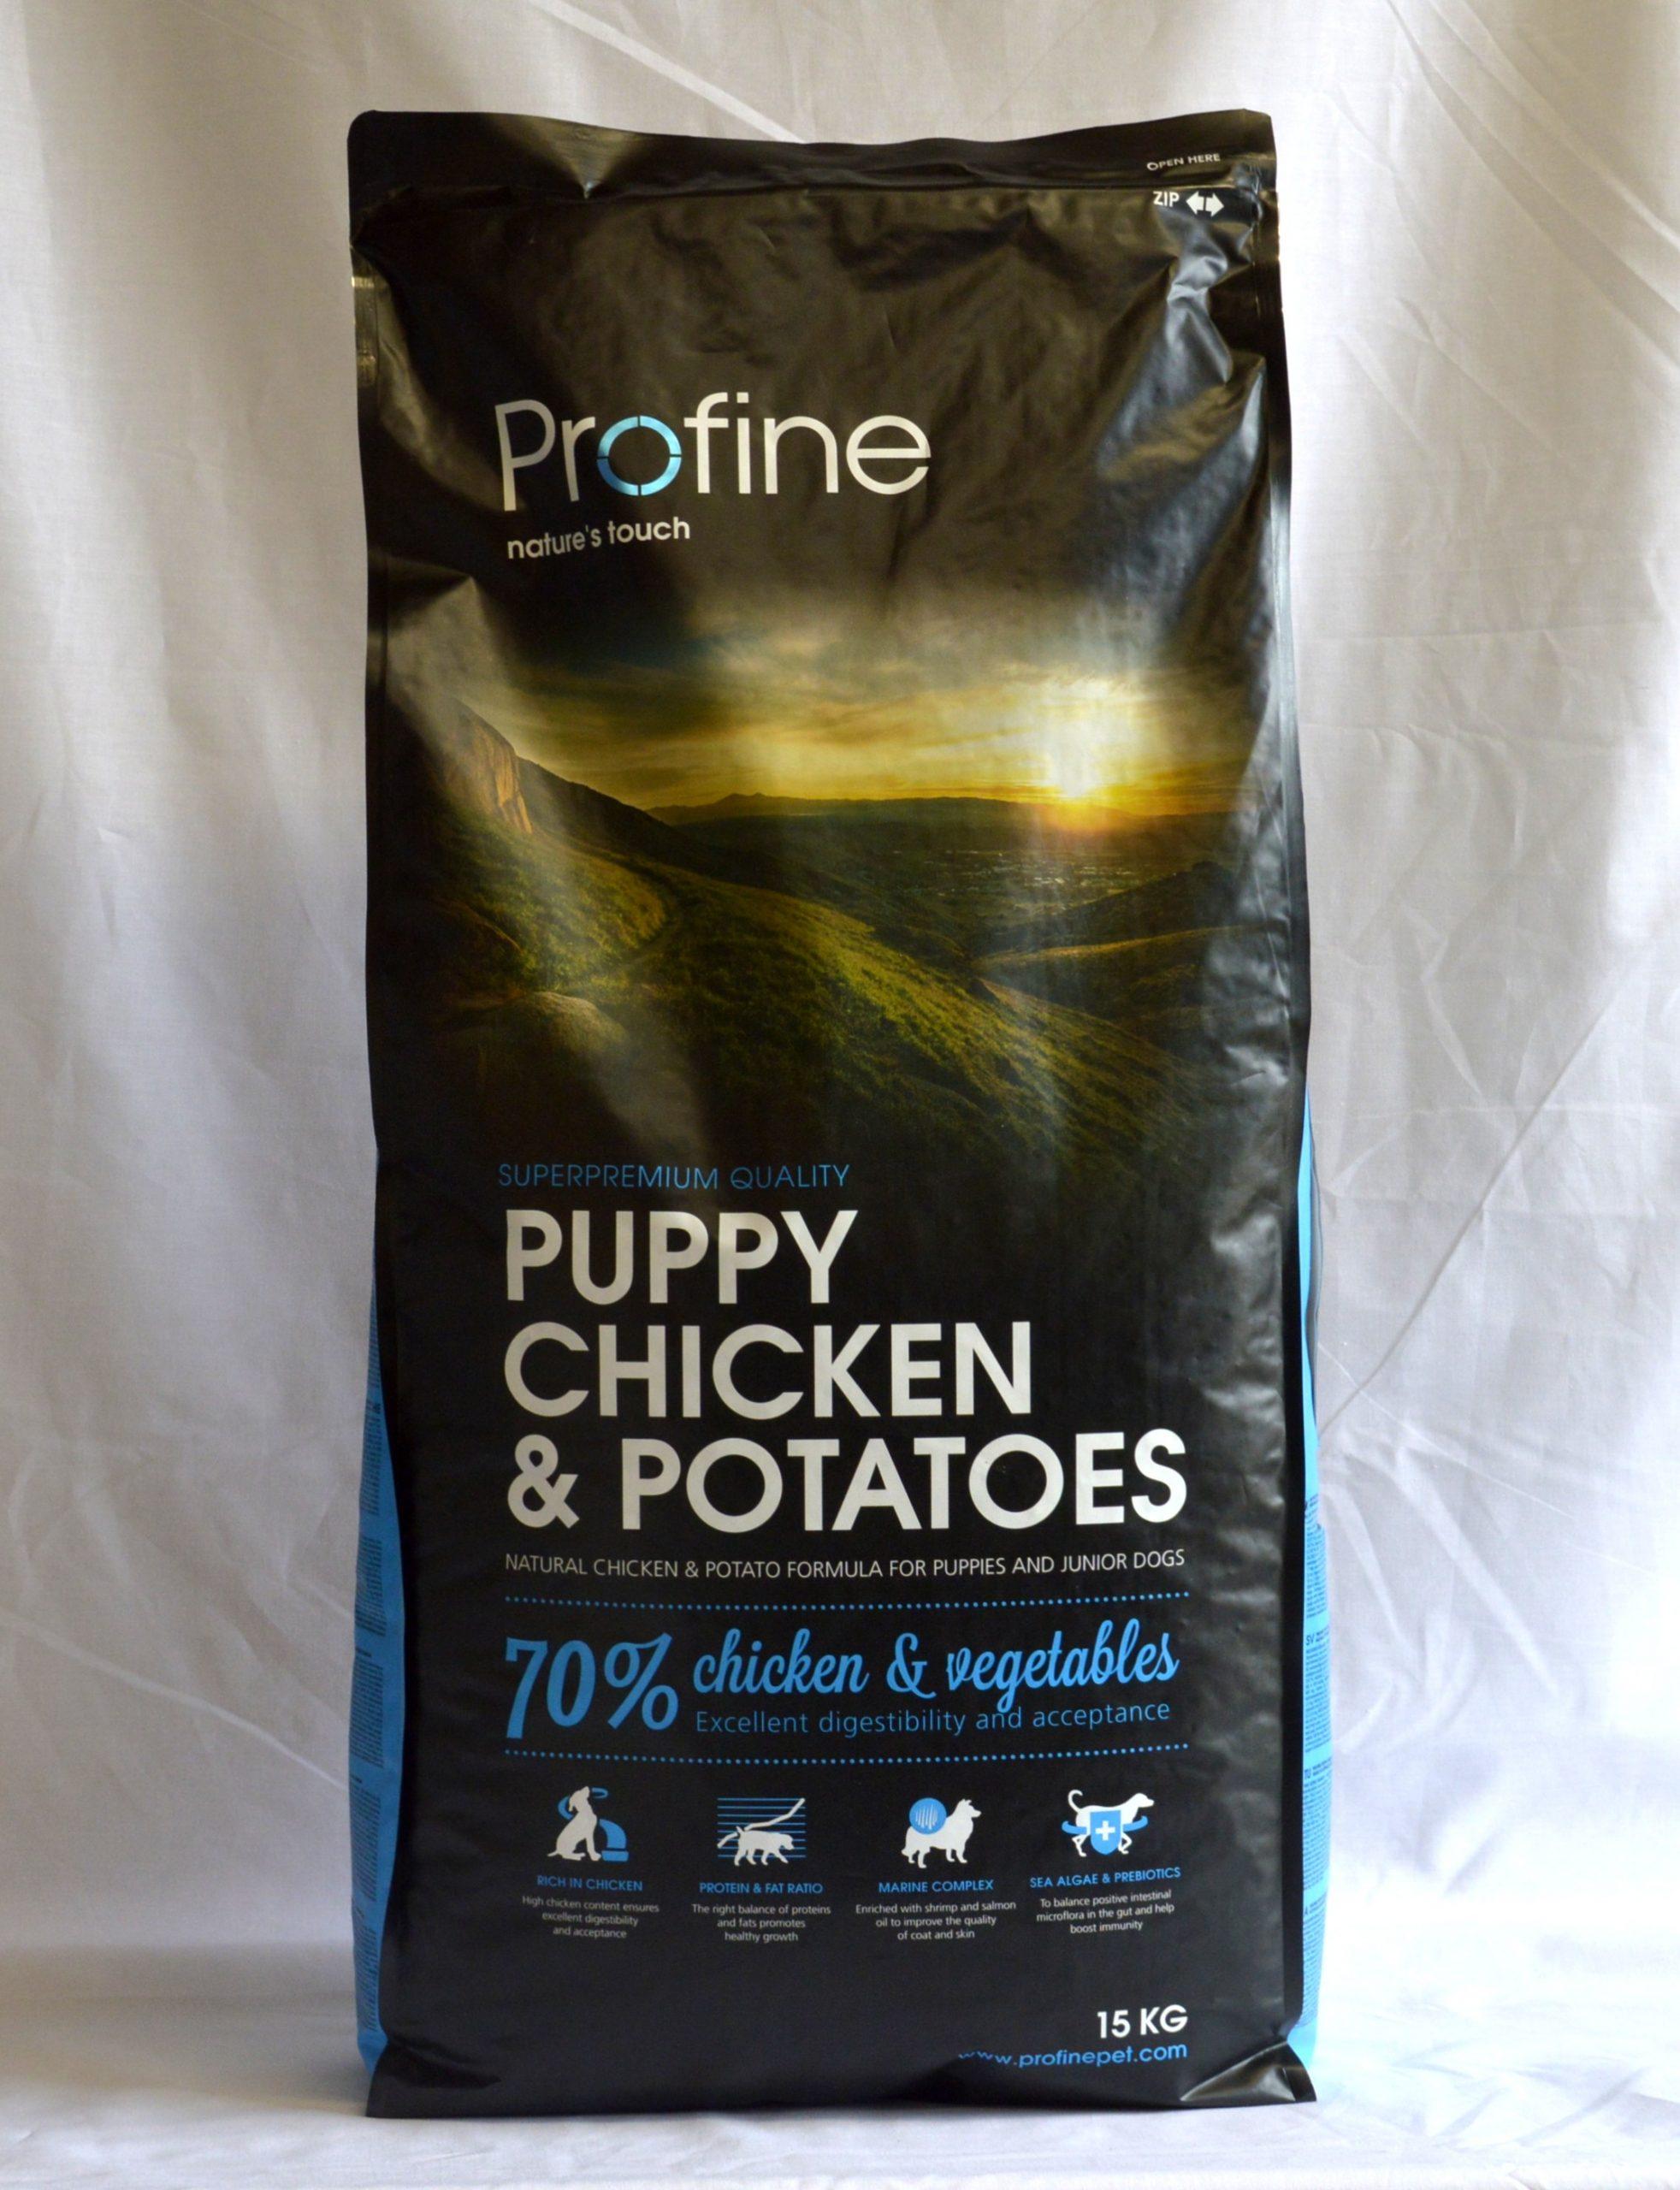 Profine Chicken & Potatoes Puppy-15kg